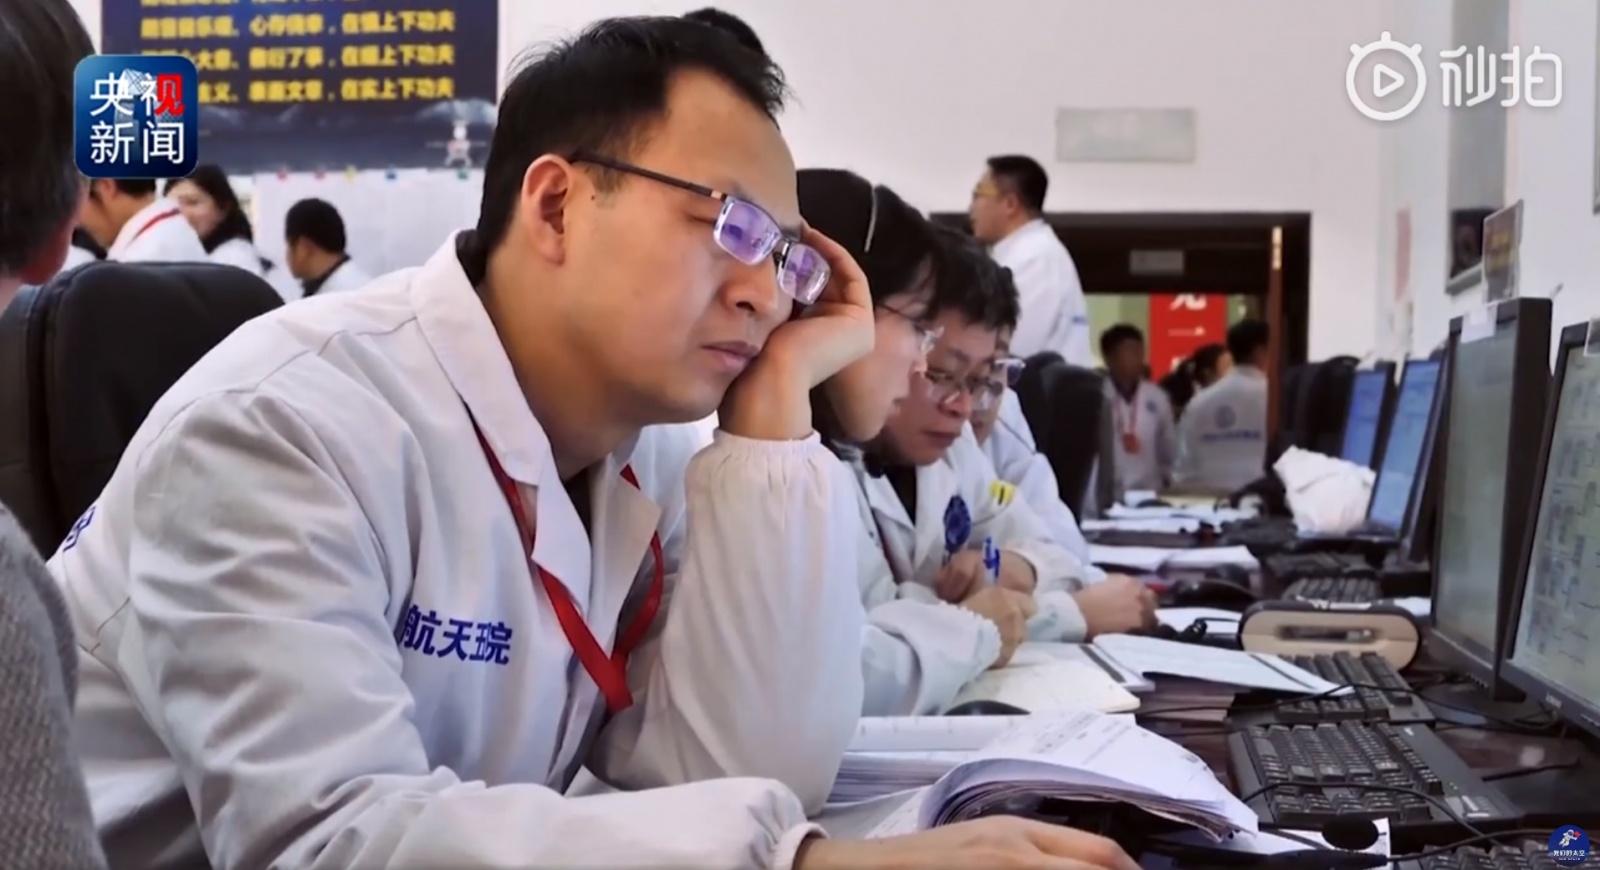 Суровая рабочая реальность — Китайский космодром Сичан (Xichang Satellite Launch Center — XSLC) - 118